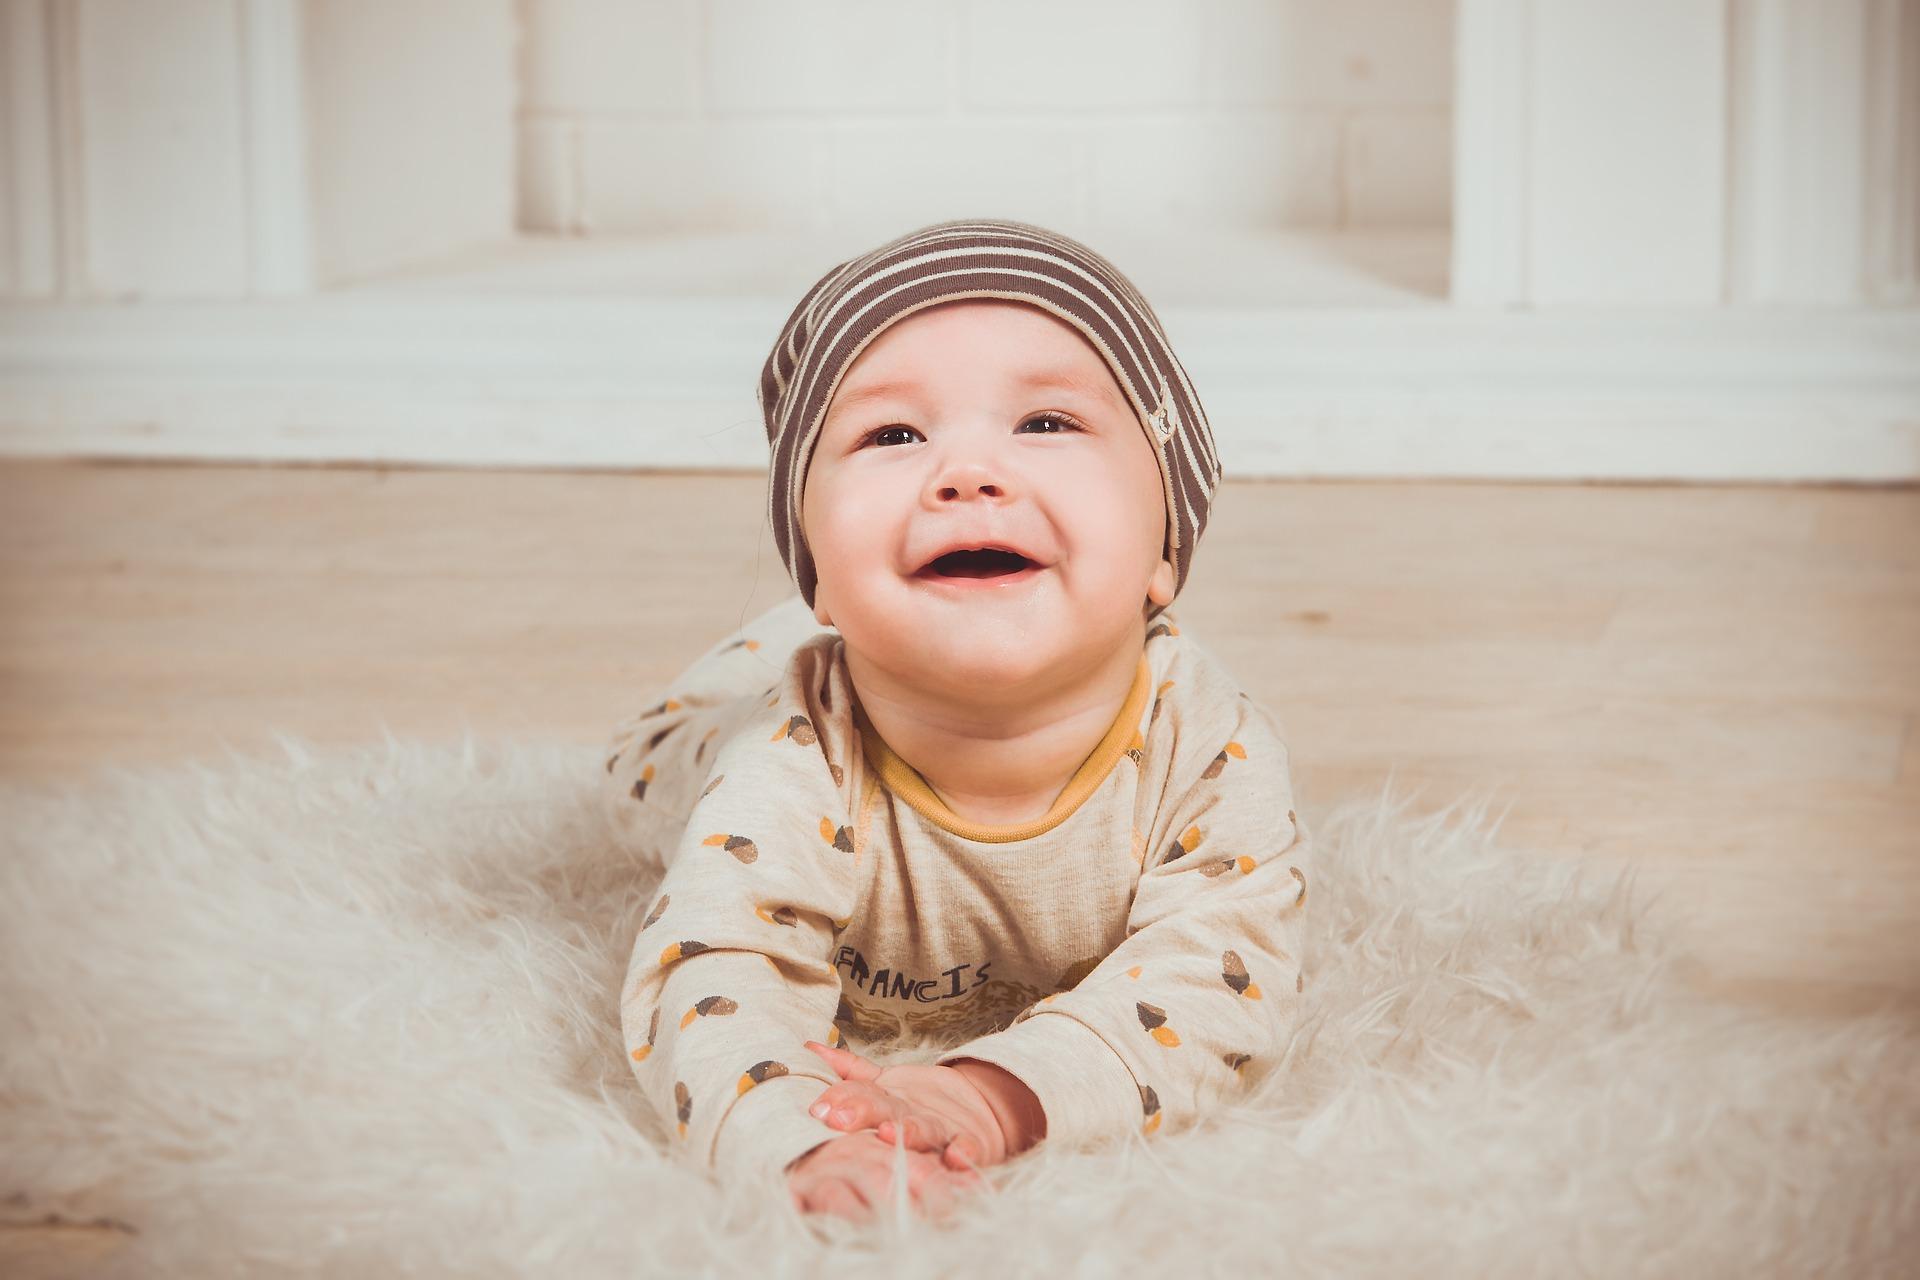 笑顔はストレス耐性を上げてくれる